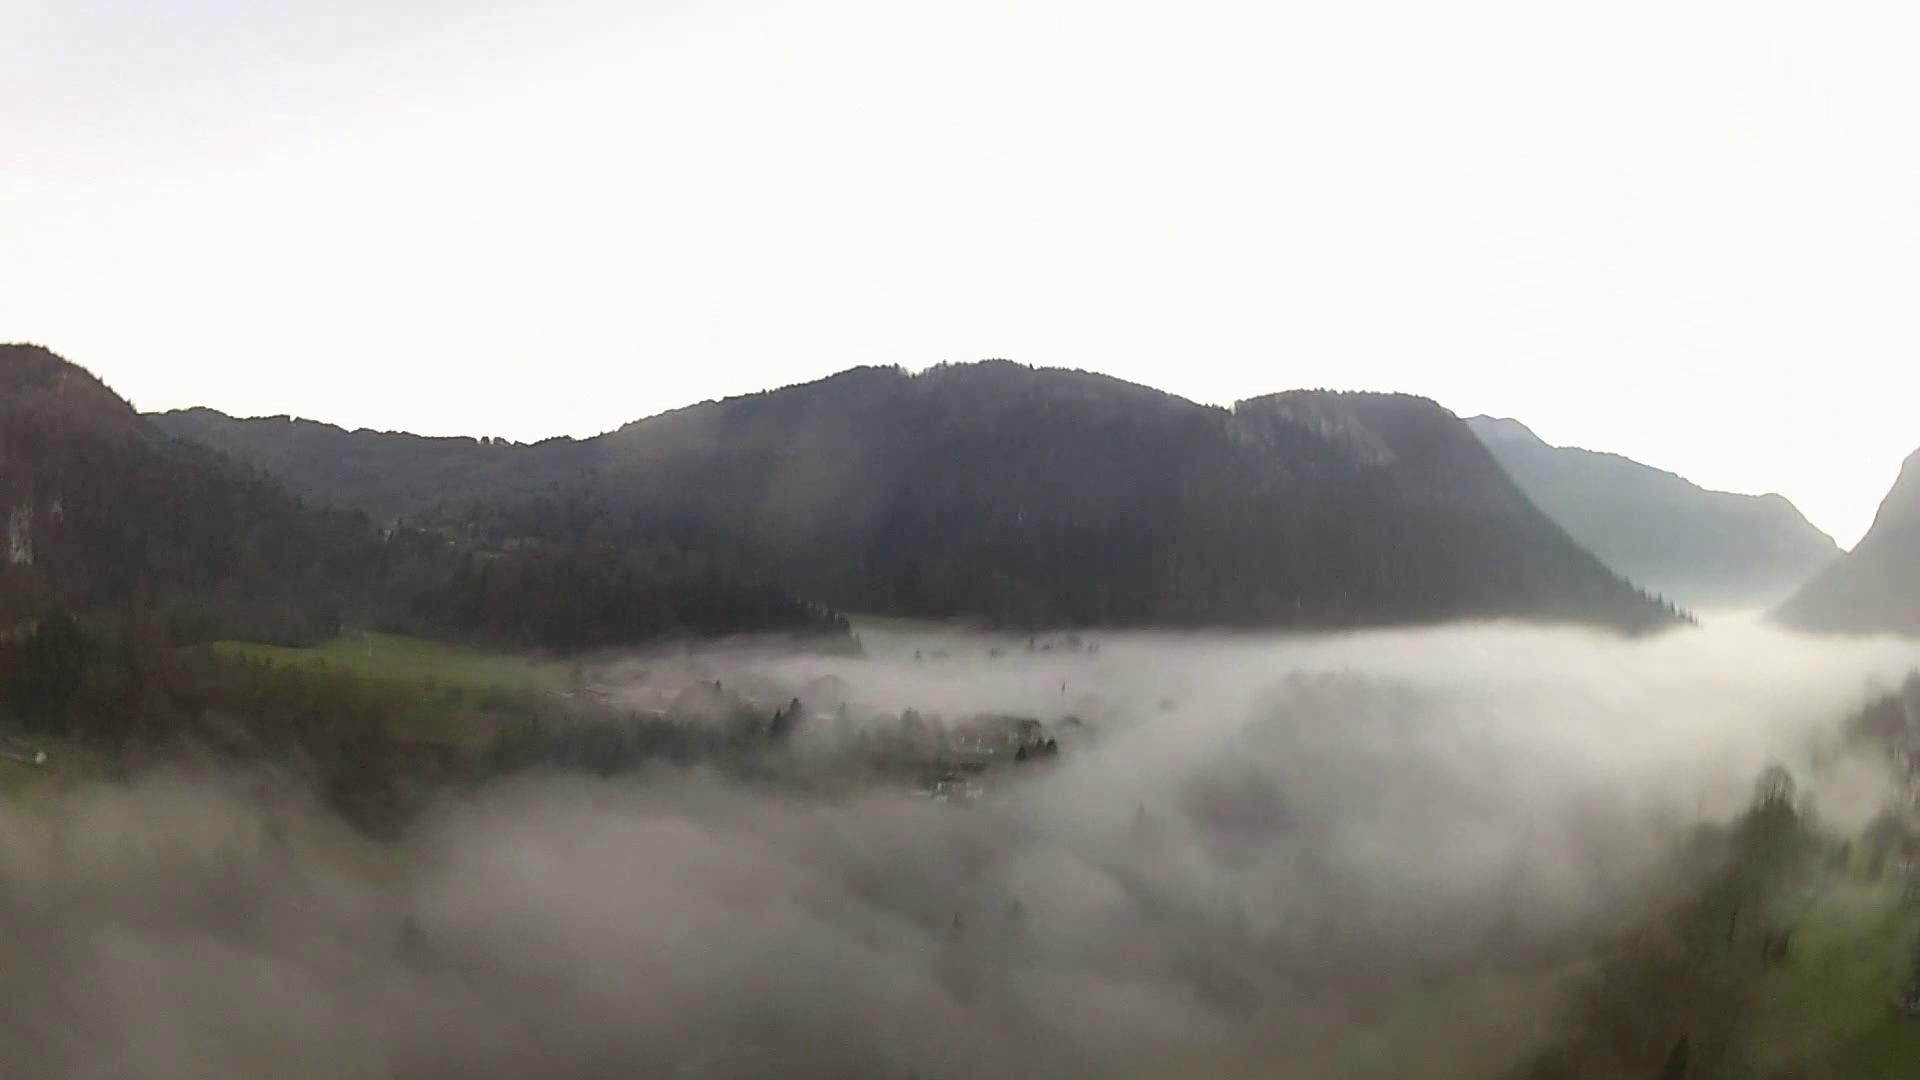 image mer de nuages